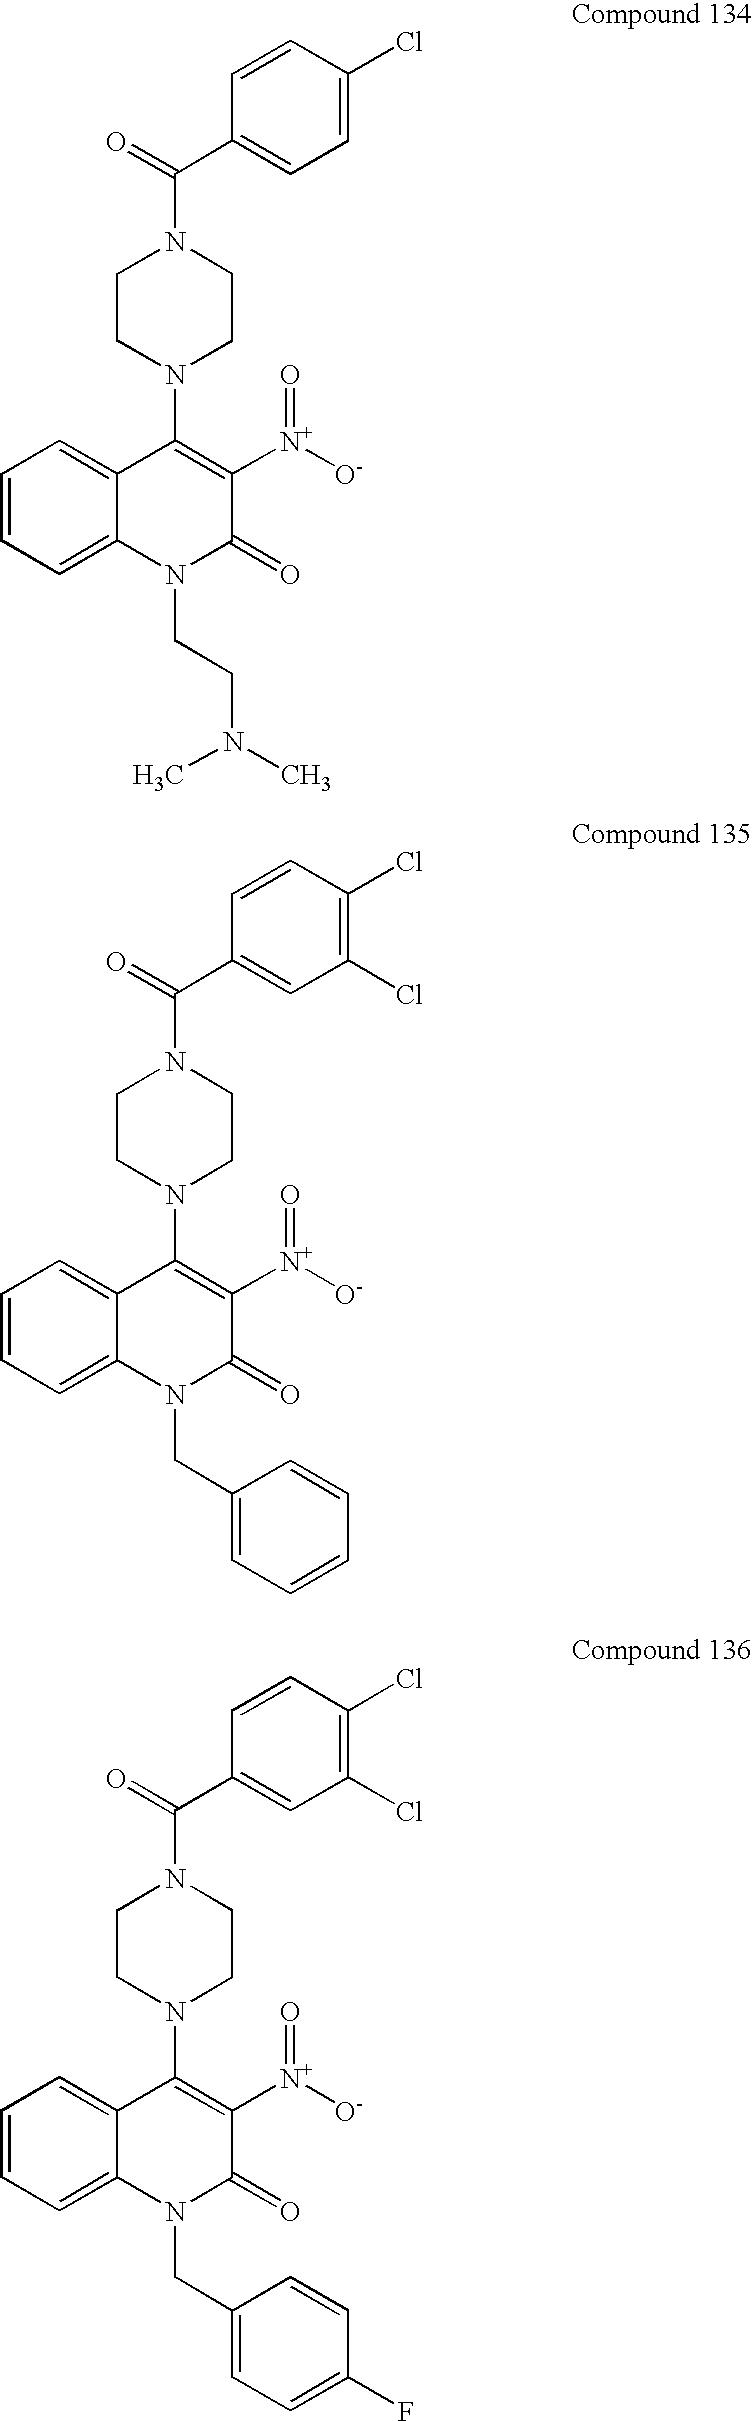 Figure US07230106-20070612-C00094